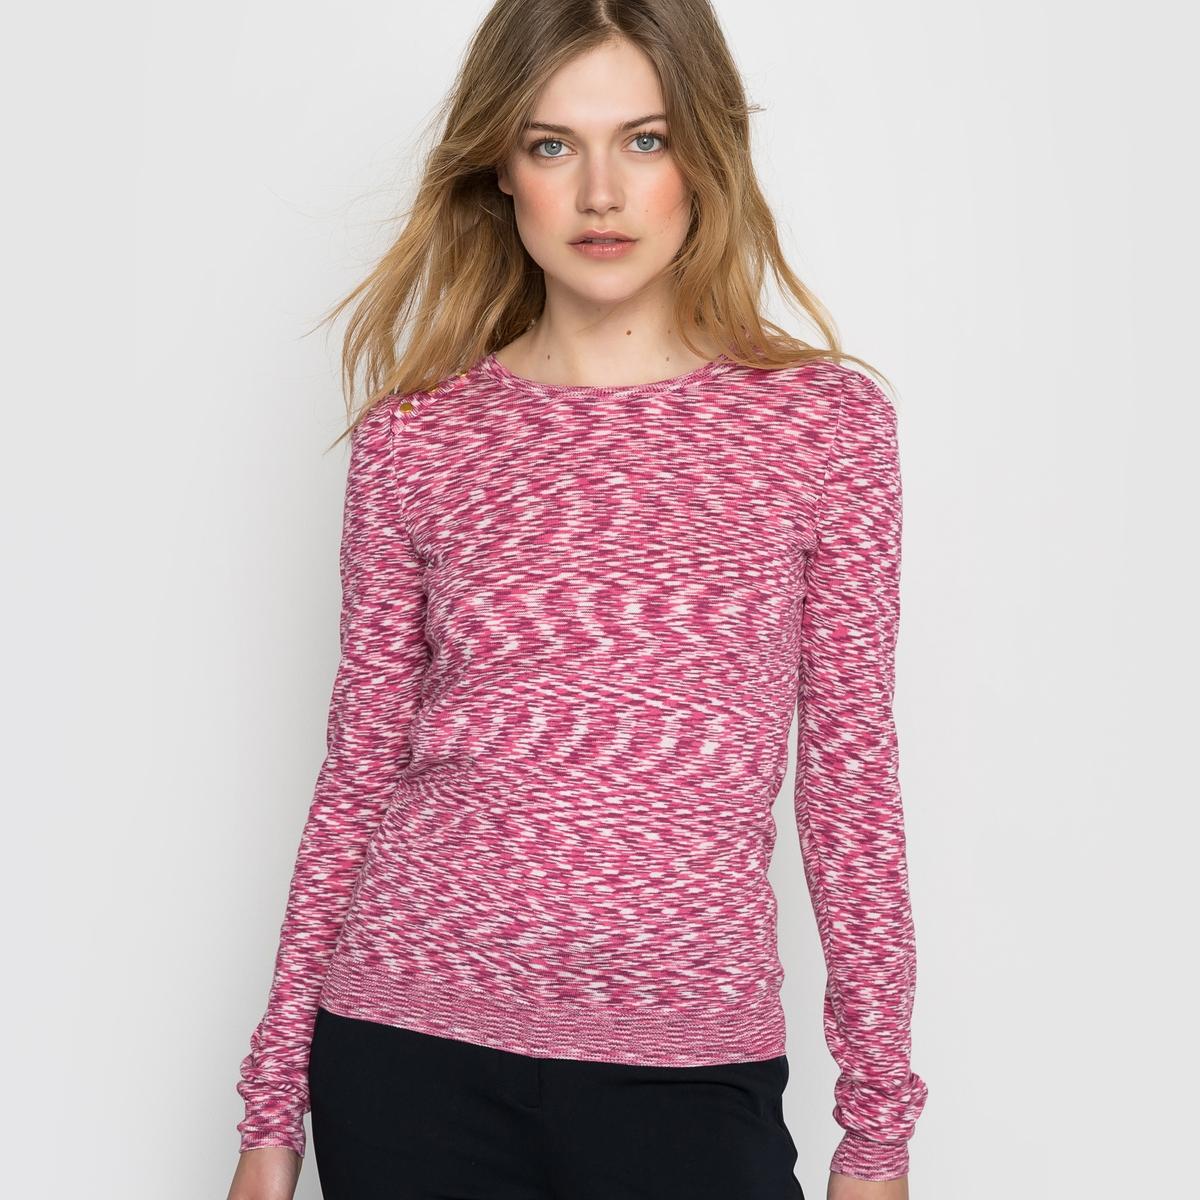 Пуловер из тонкого трикотажаПуловер, 100% хлопка. Необходимая модель для Вашего гардероба. Круглый вырез. Декоративная планка застежки на пуговицы на плече. Верх рукавов со складками. Состав и деталиМатериал: тонкий трикотаж, 100% хлопкаДлина 57 смБренд: Mademoiselle R<br><br>Цвет: красный